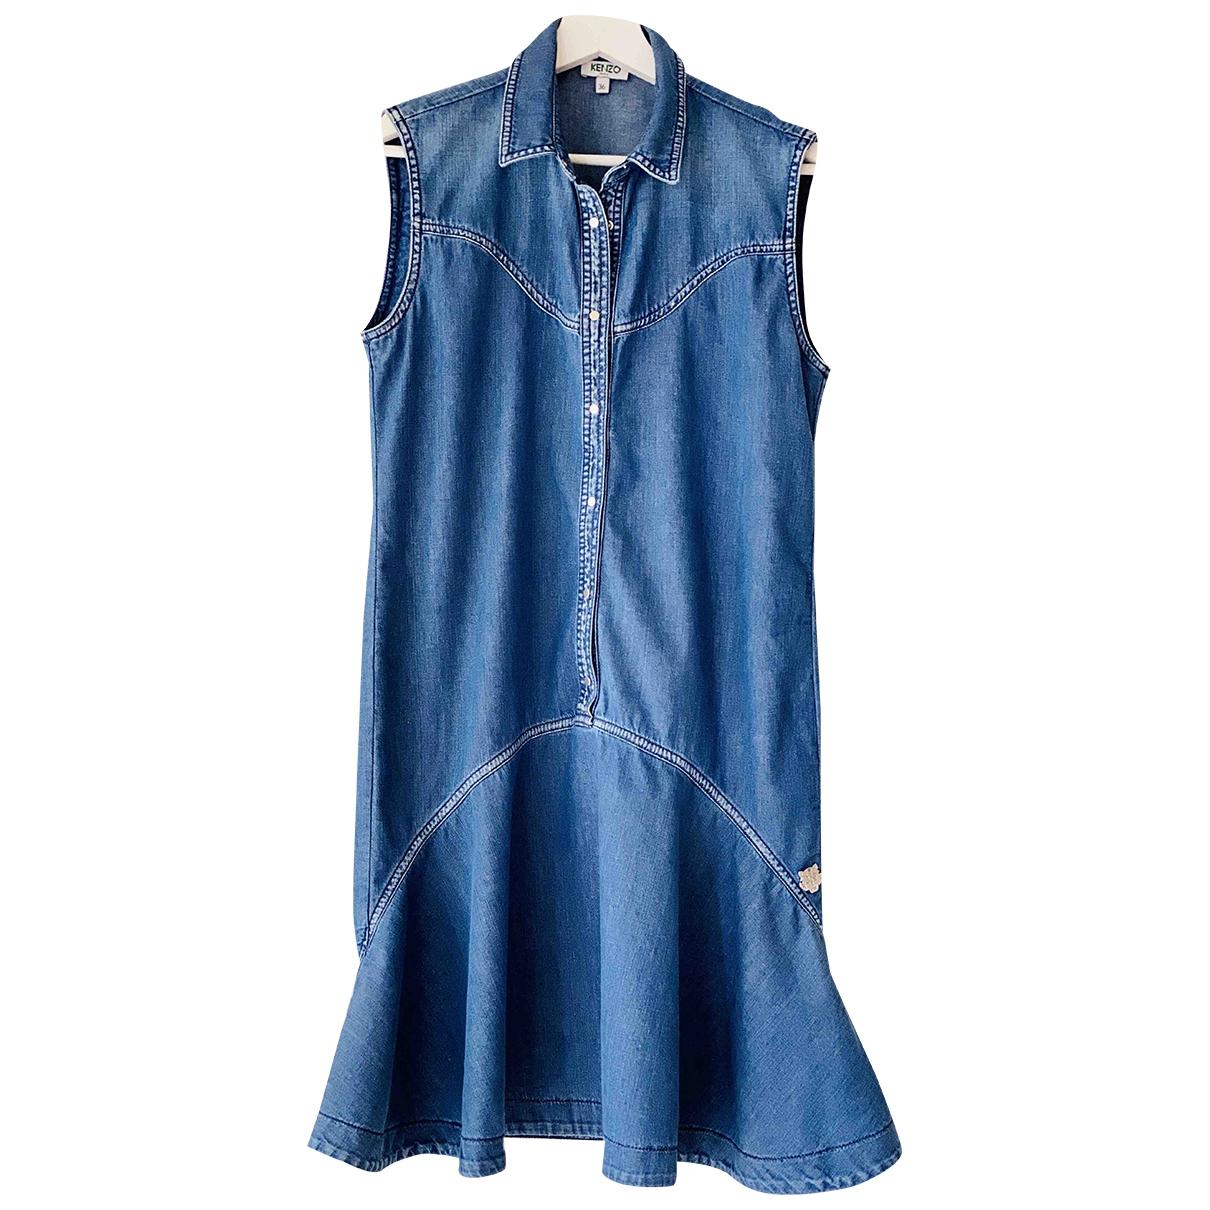 Kenzo \N Kleid in  Blau Denim - Jeans